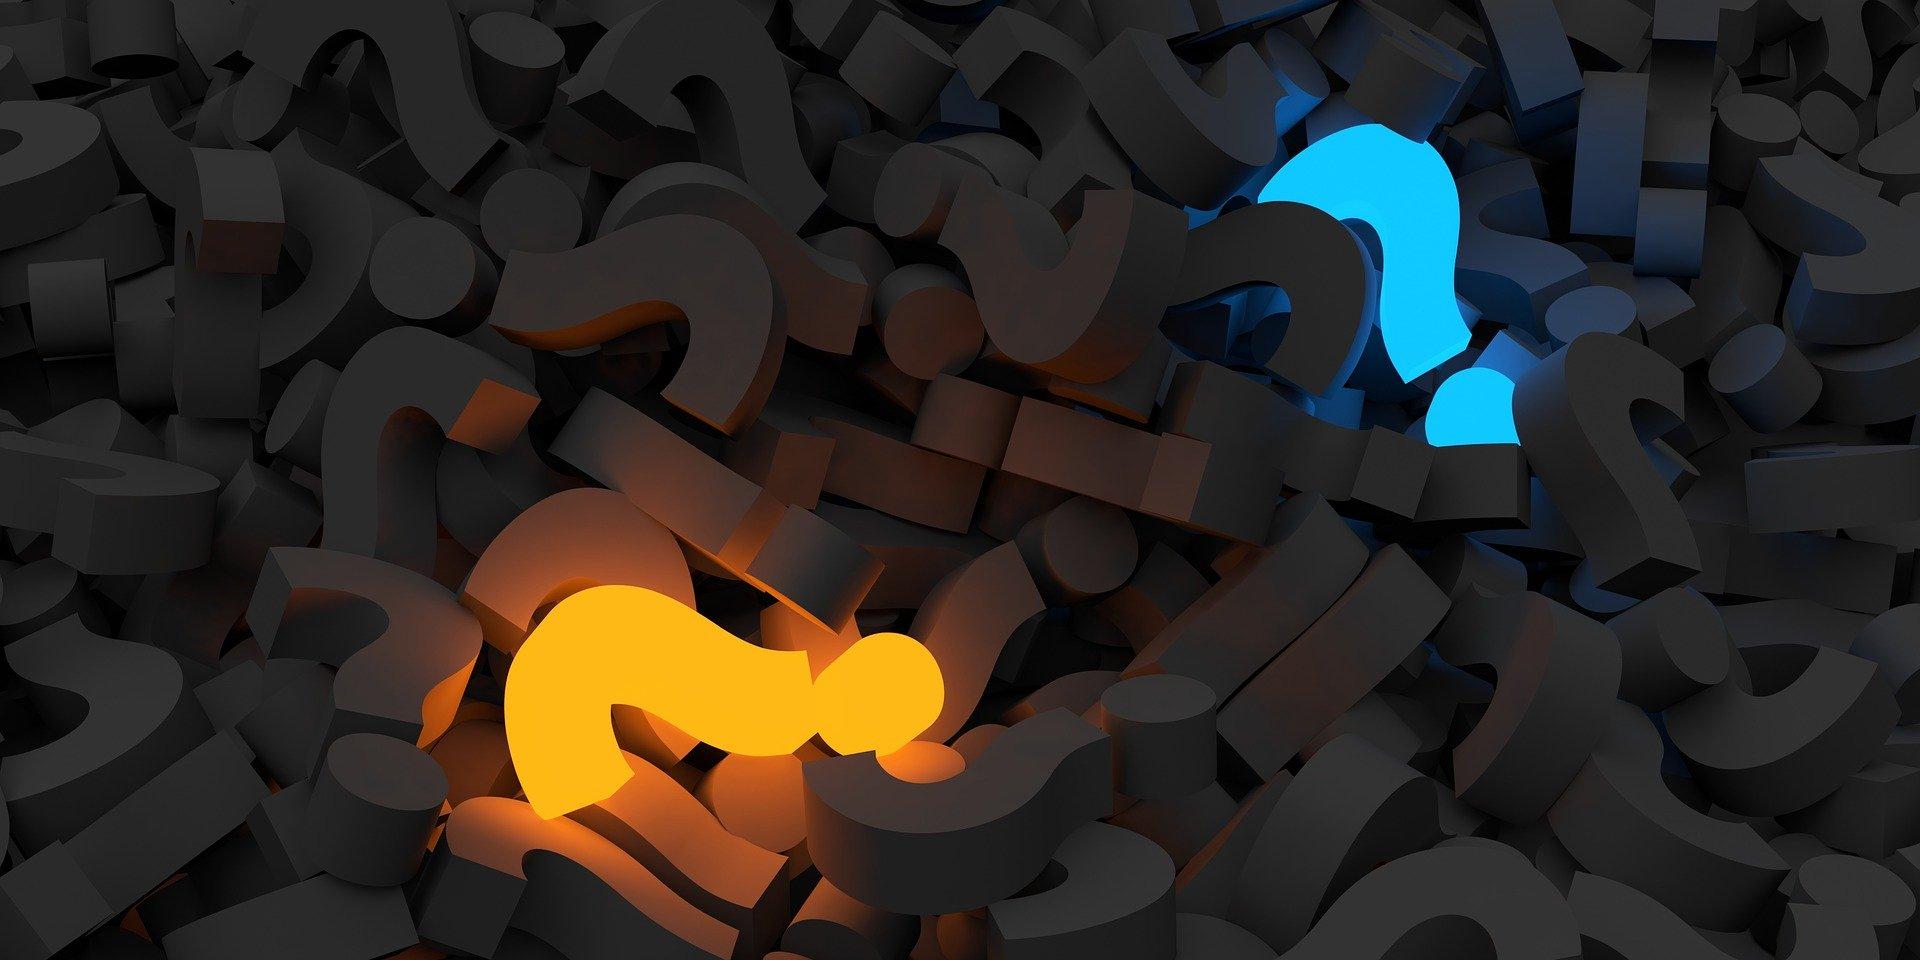 Le informazioni più importanti, che un imprenditore meccanico deve conoscere, per passare dai metodi tradizionali ai sistemi additivi